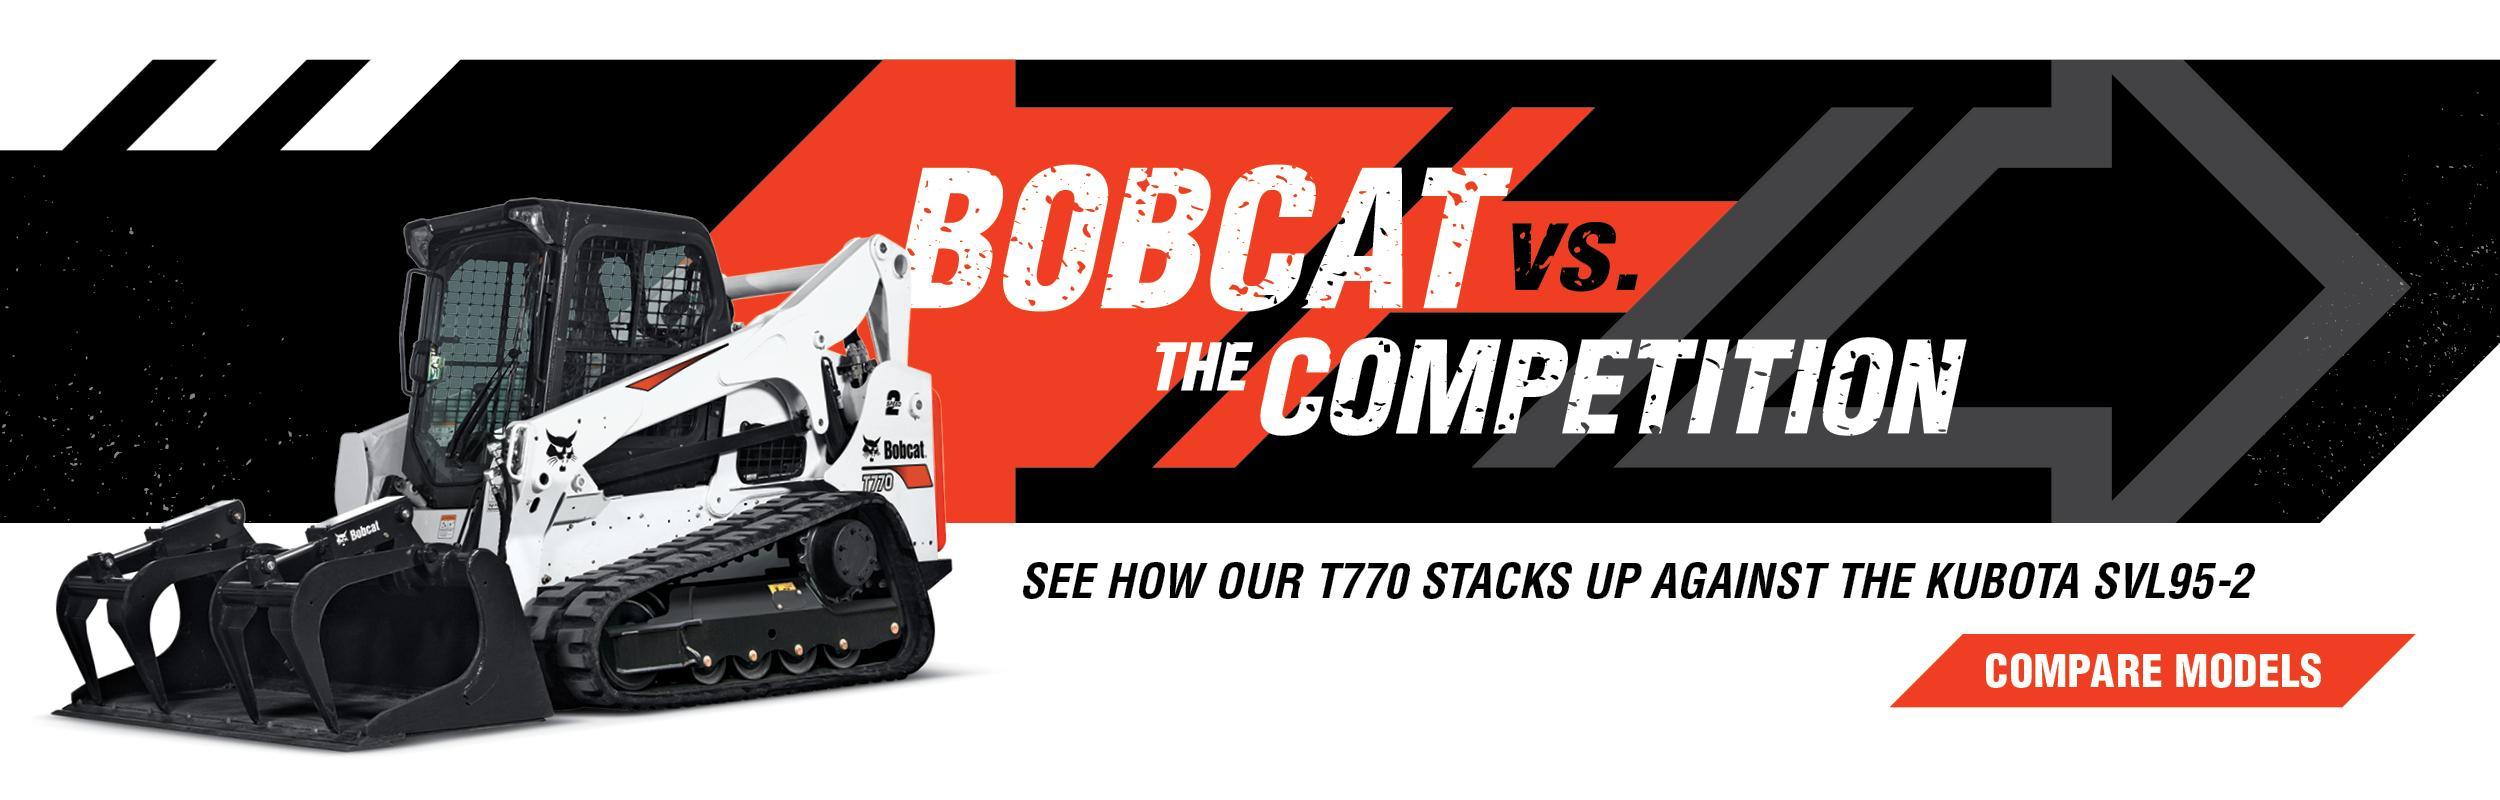 Bobcat T770 Compact Loader Vs. Kubota SVL95-2 Compare Models Banner